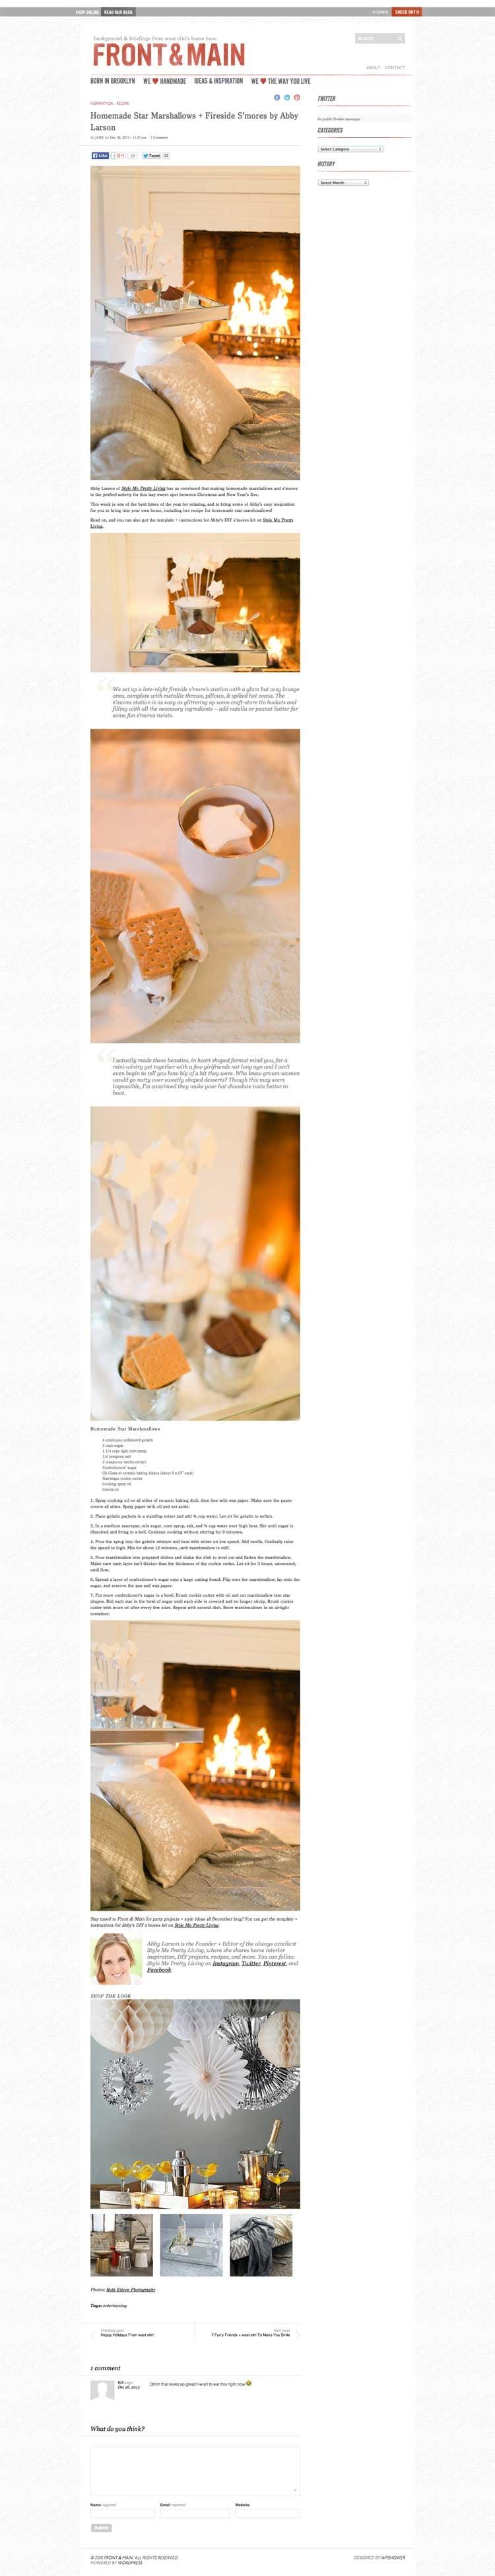 Homemade Star Marshmallows + Fireside S'mores